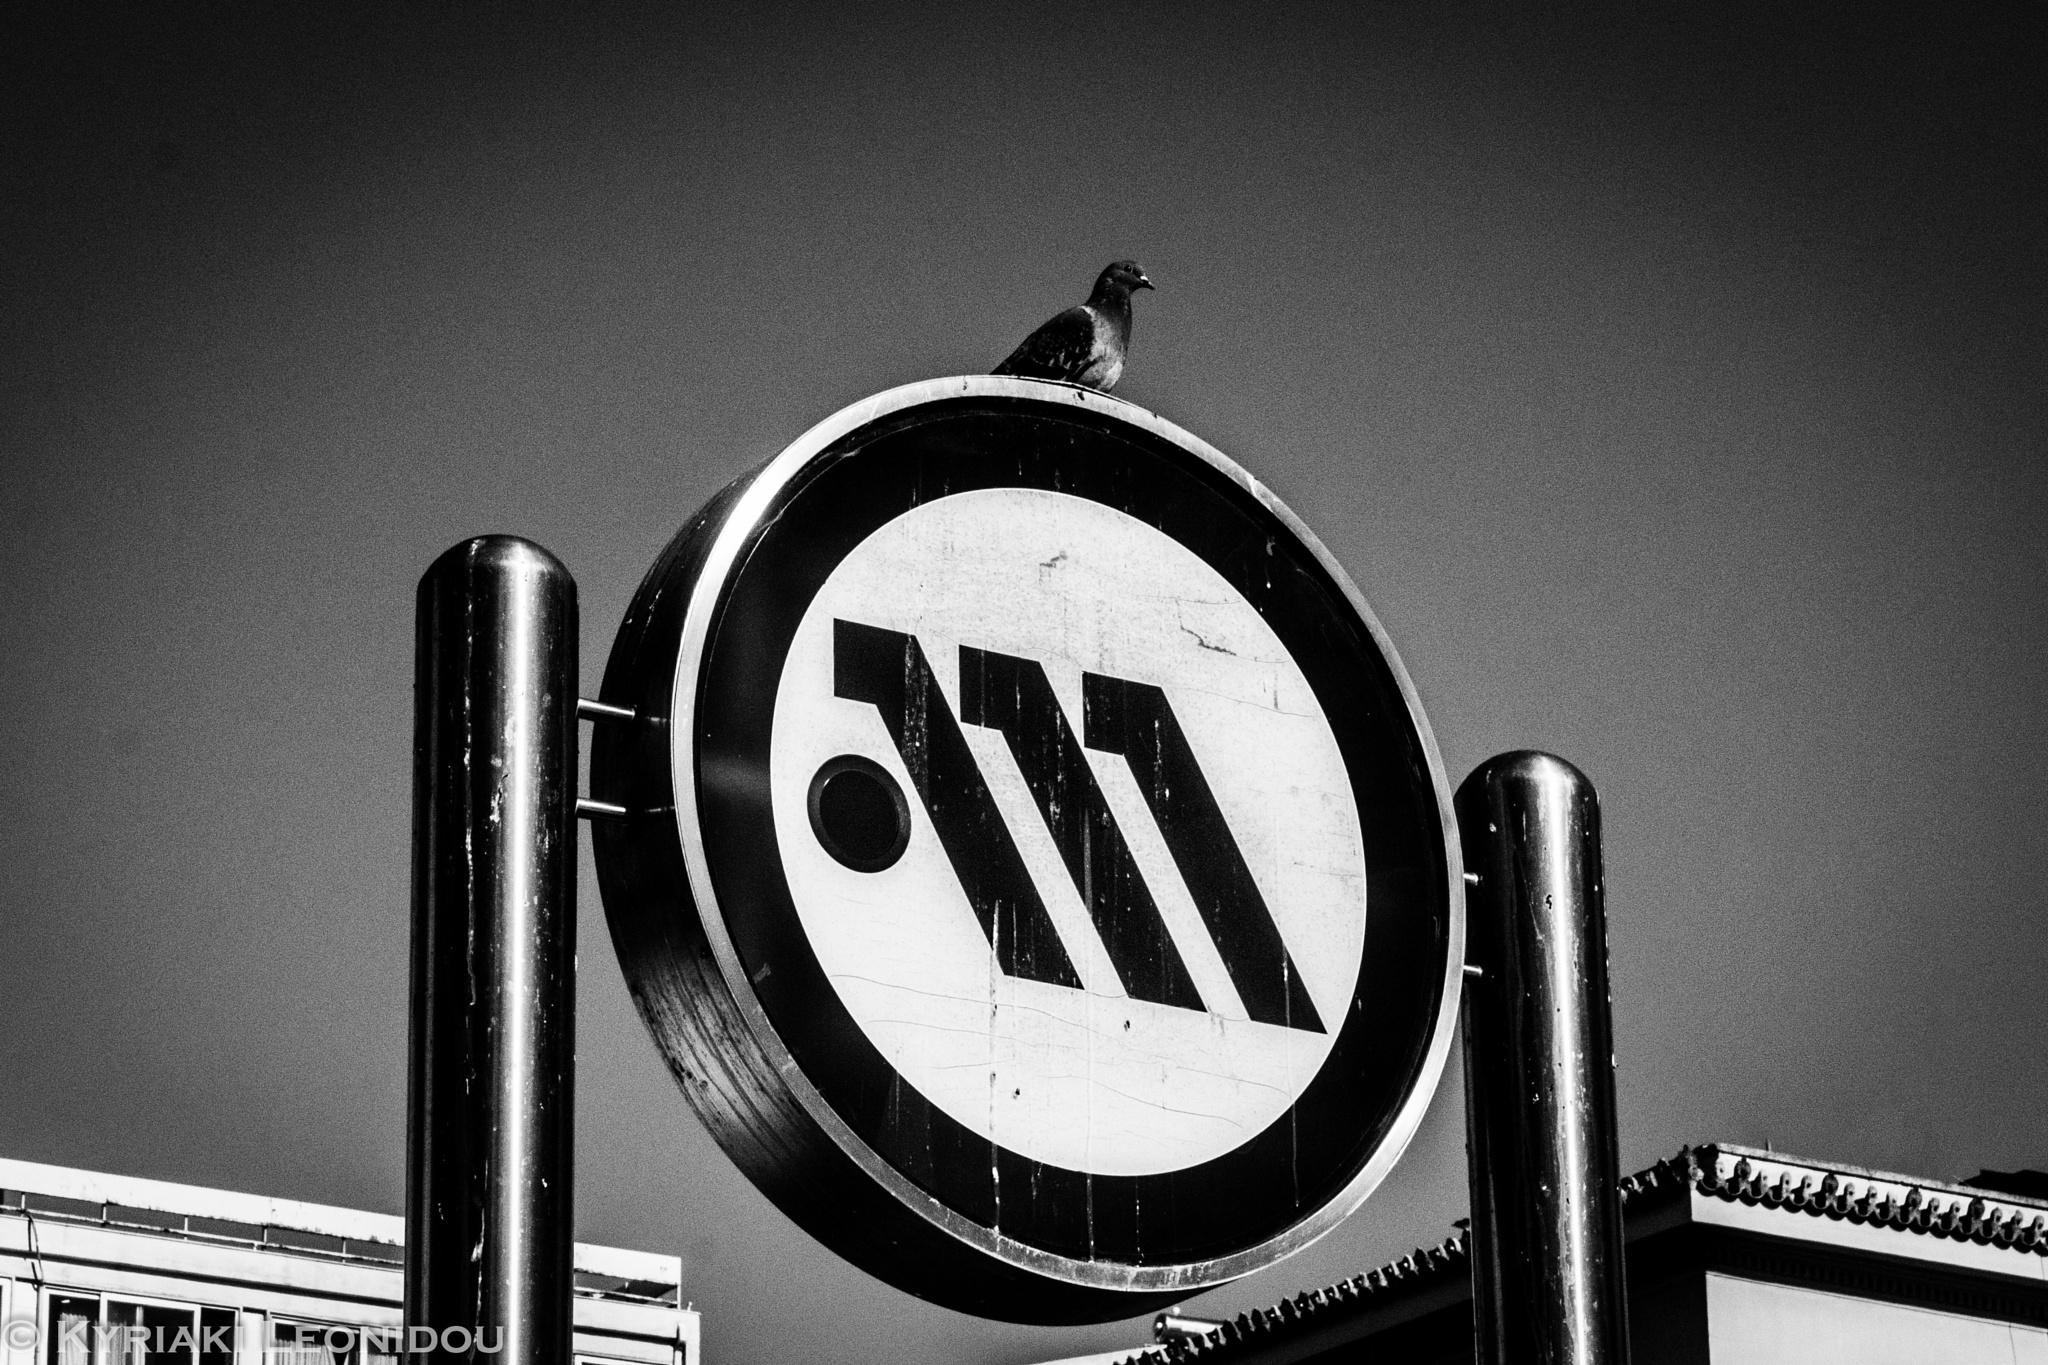 Ready for a ride? by Kyriaki Leonidou